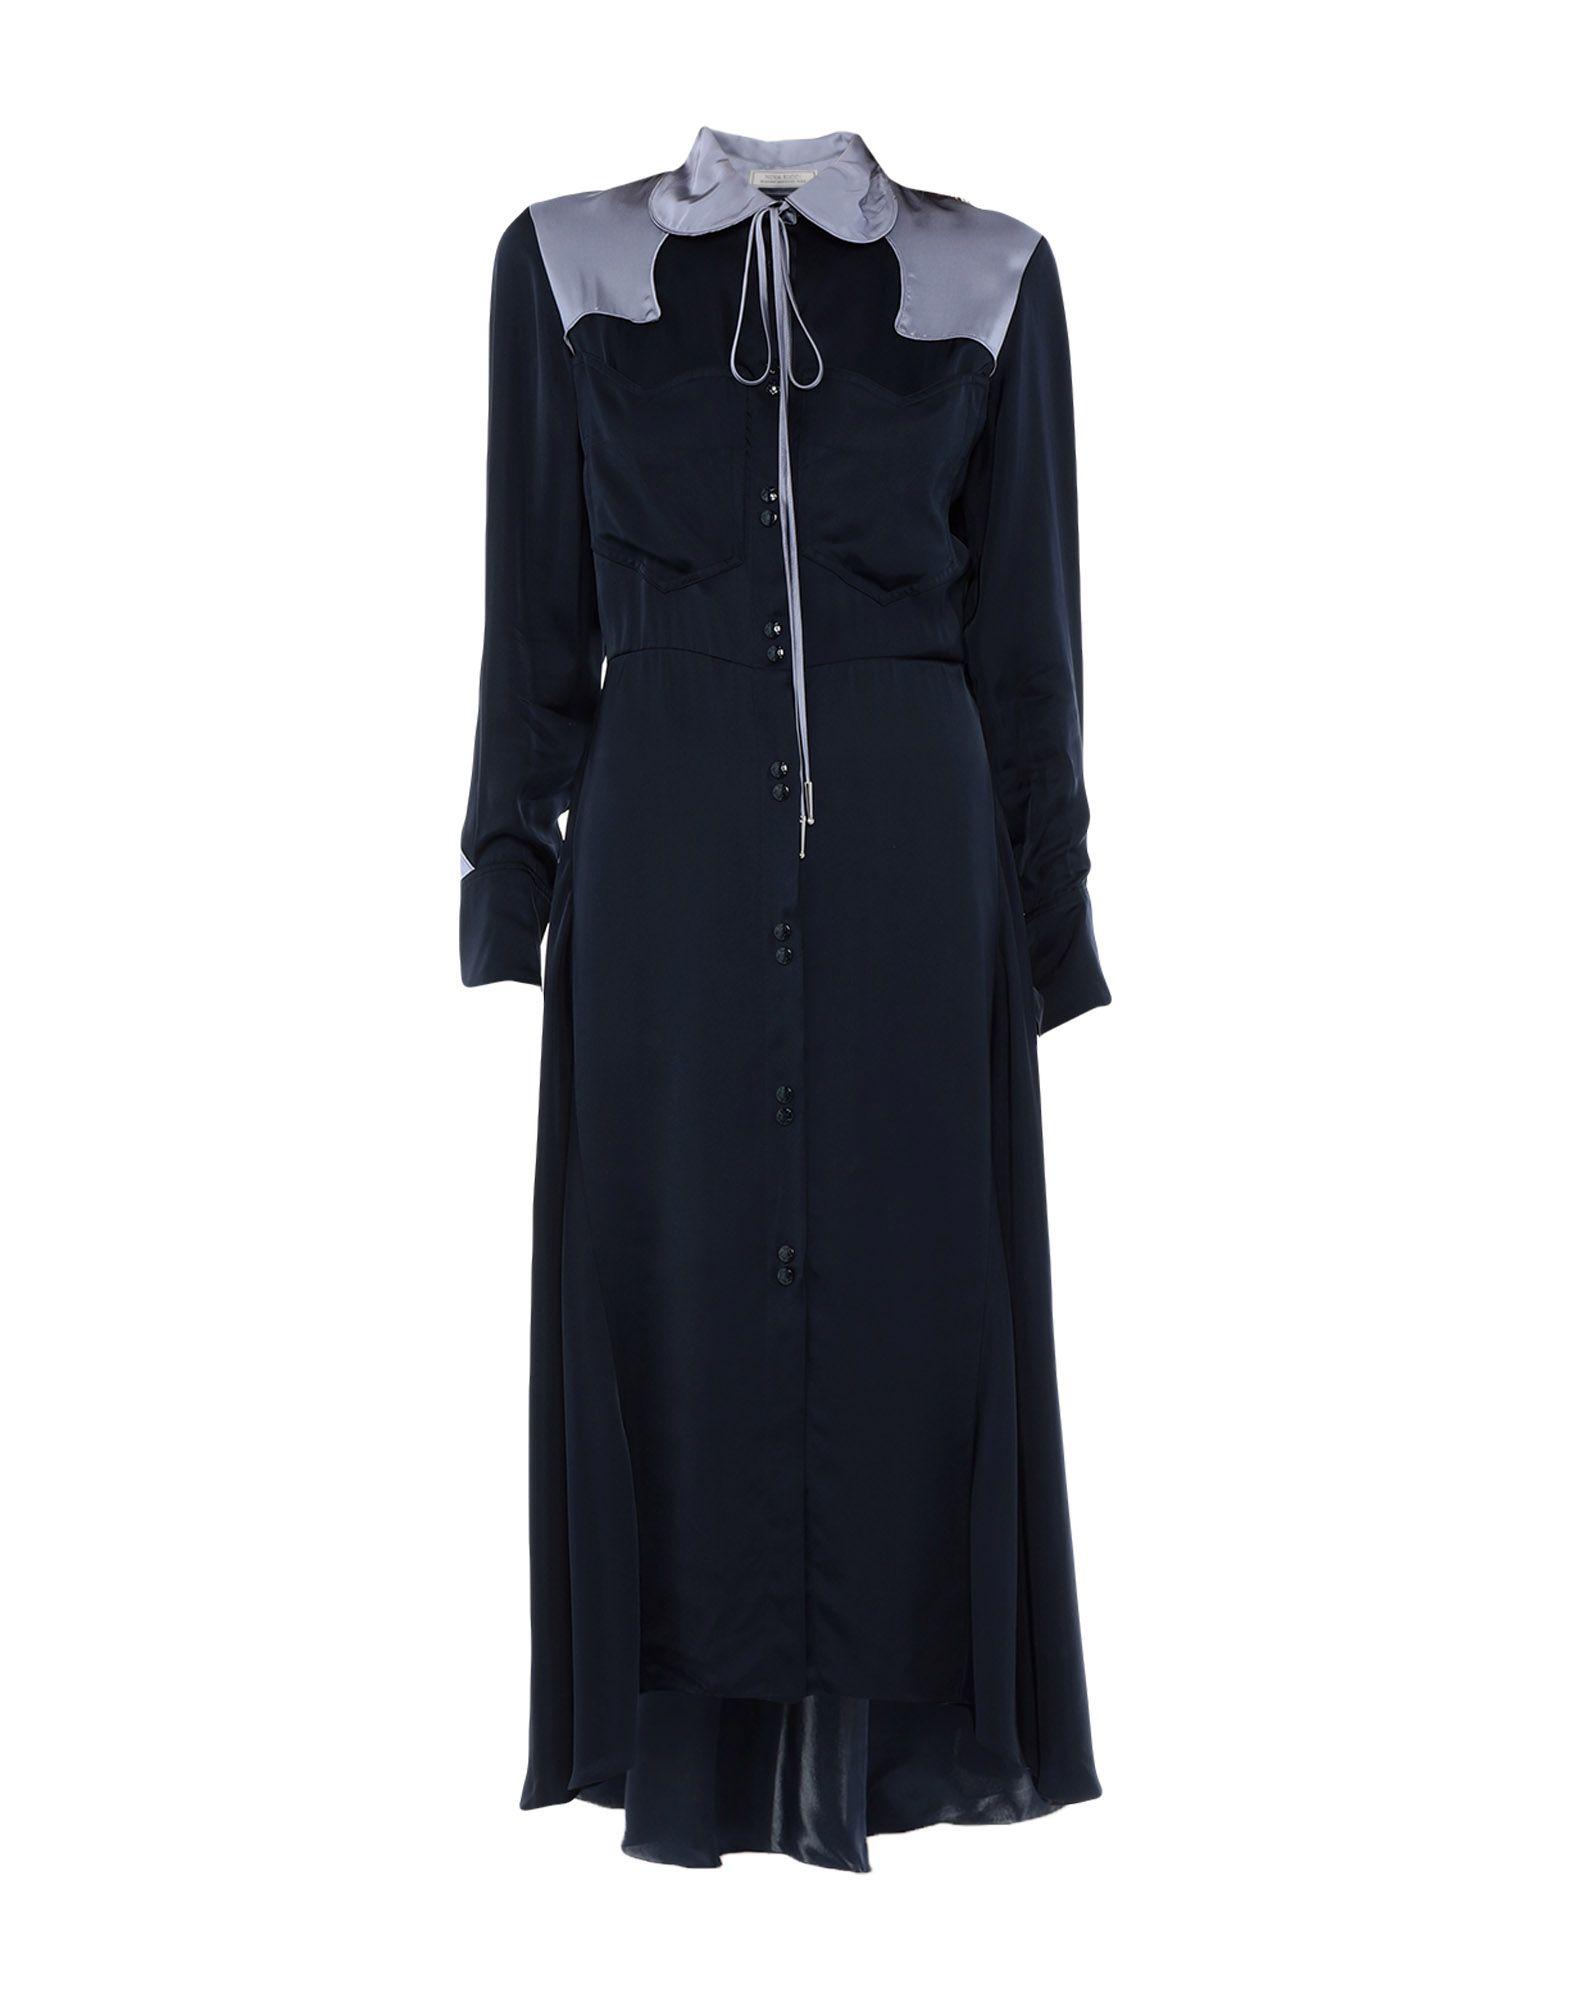 NINA RICCI Платье длиной 3/4 платье с поясом nina ricci